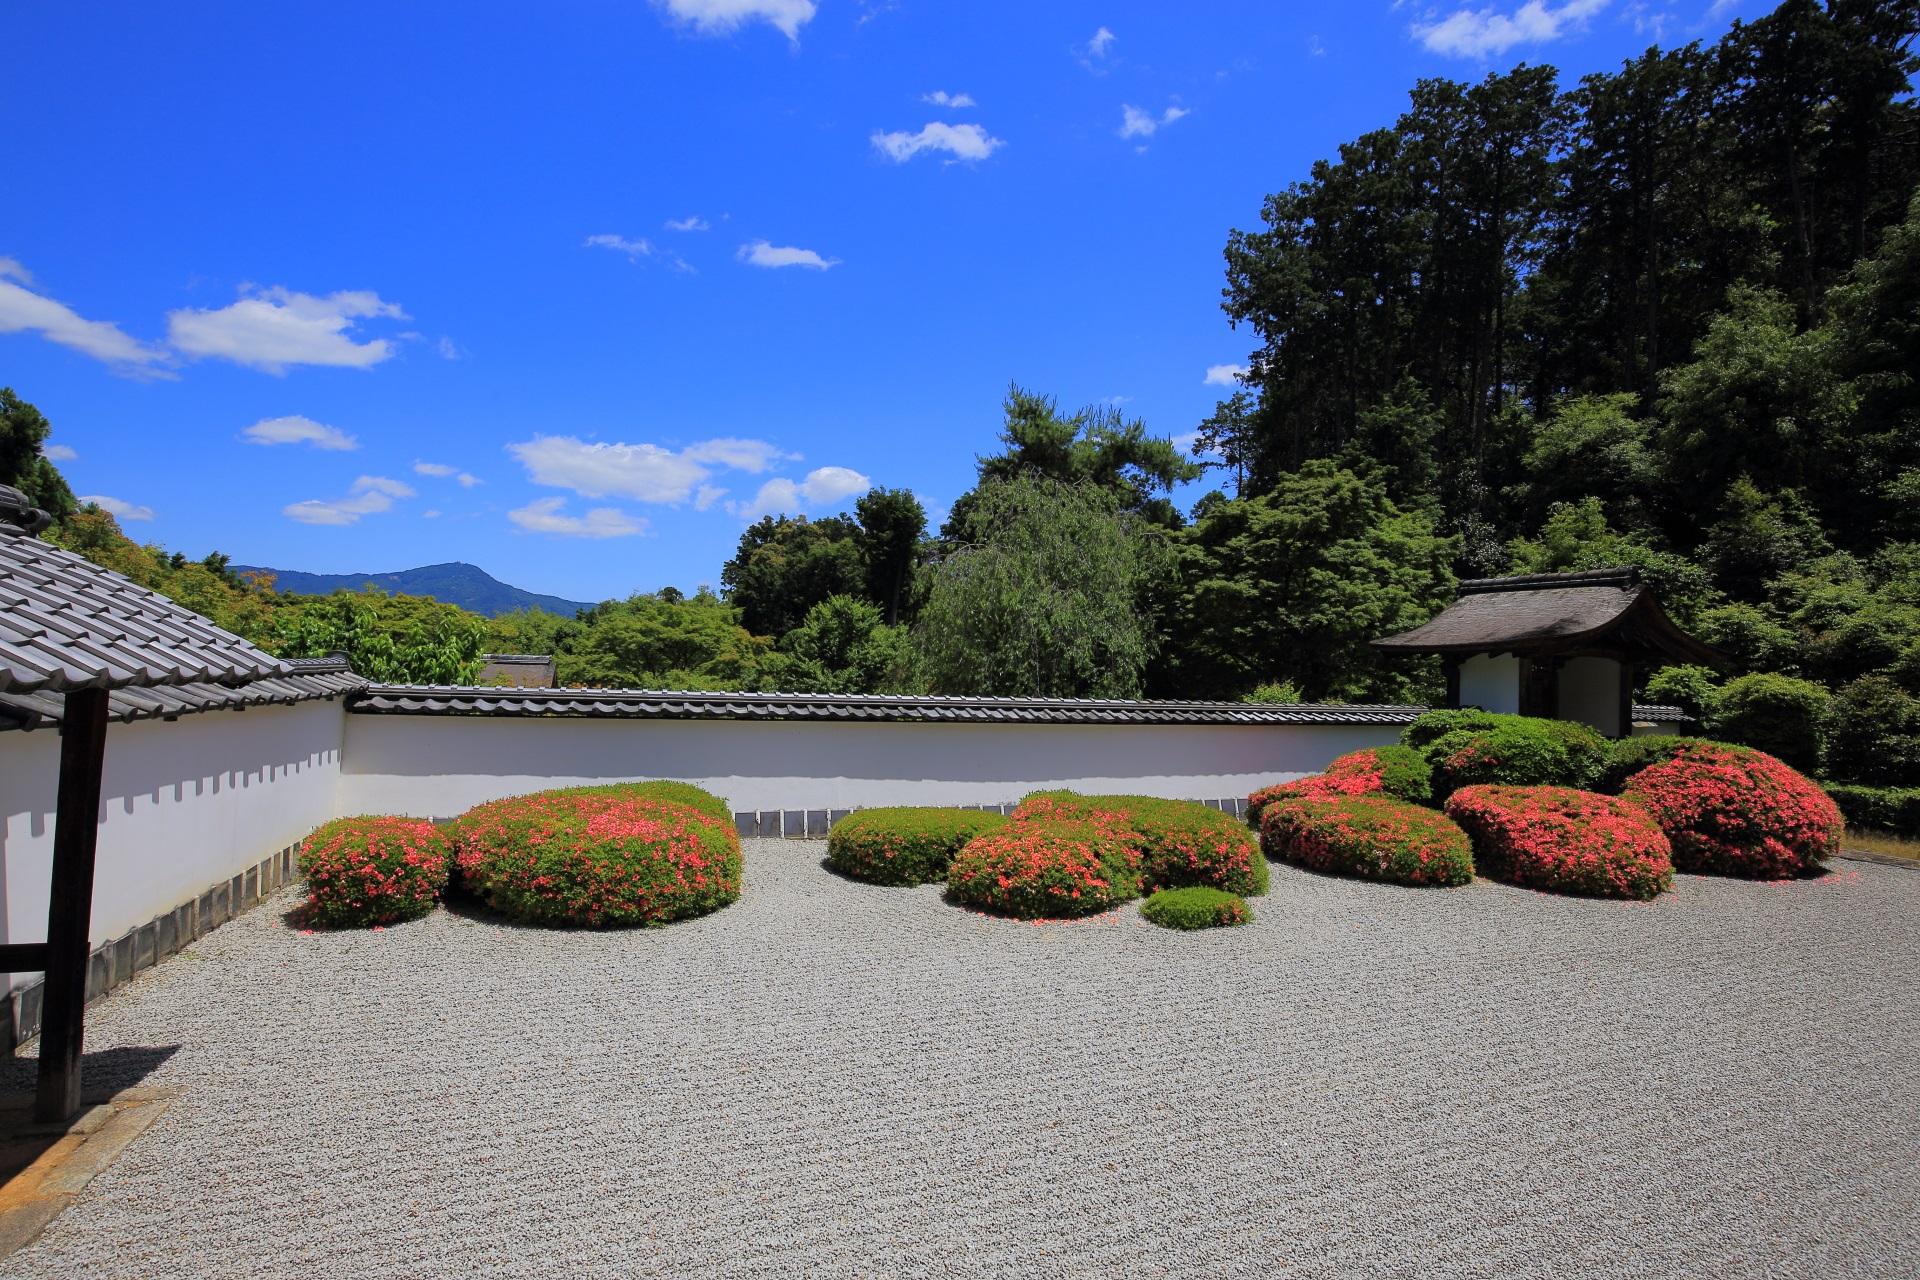 爽快な青空と優美な庭園に浮かび上がる比叡山